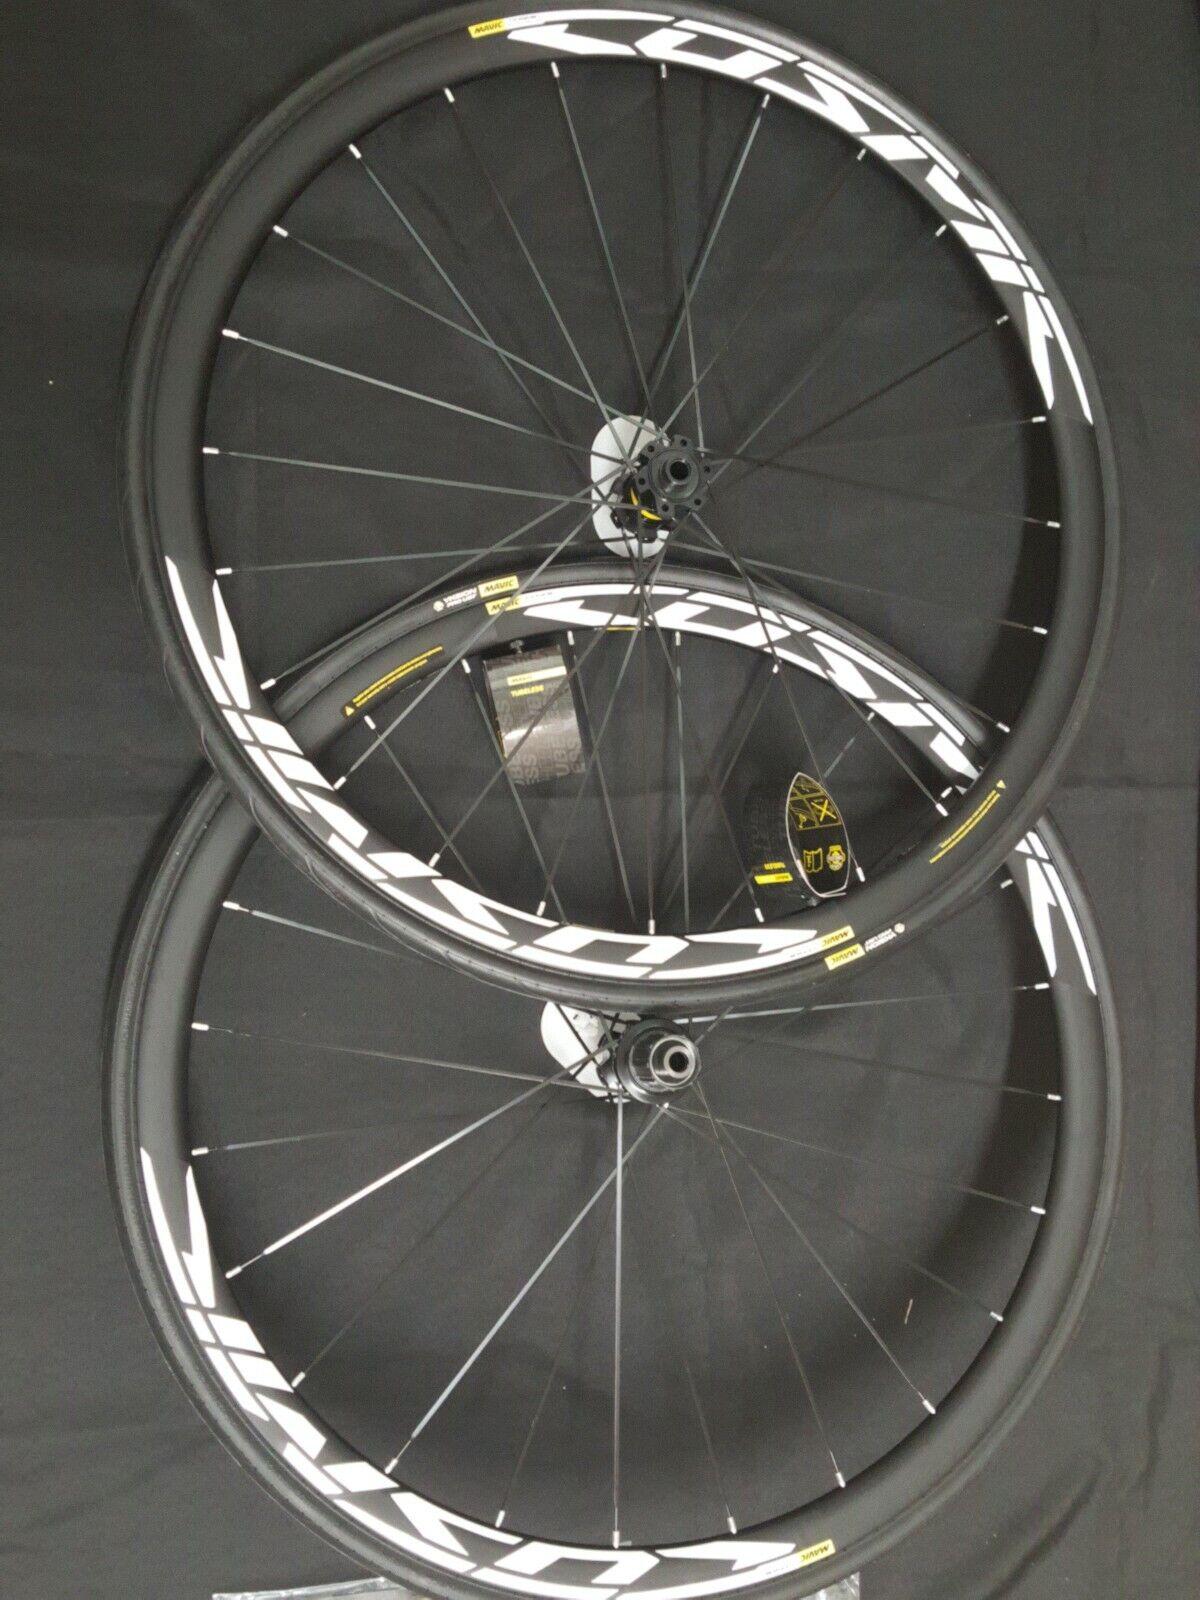 Mavis kosmisk elit UST DCL -cykelcykelhjulpar 70C nya